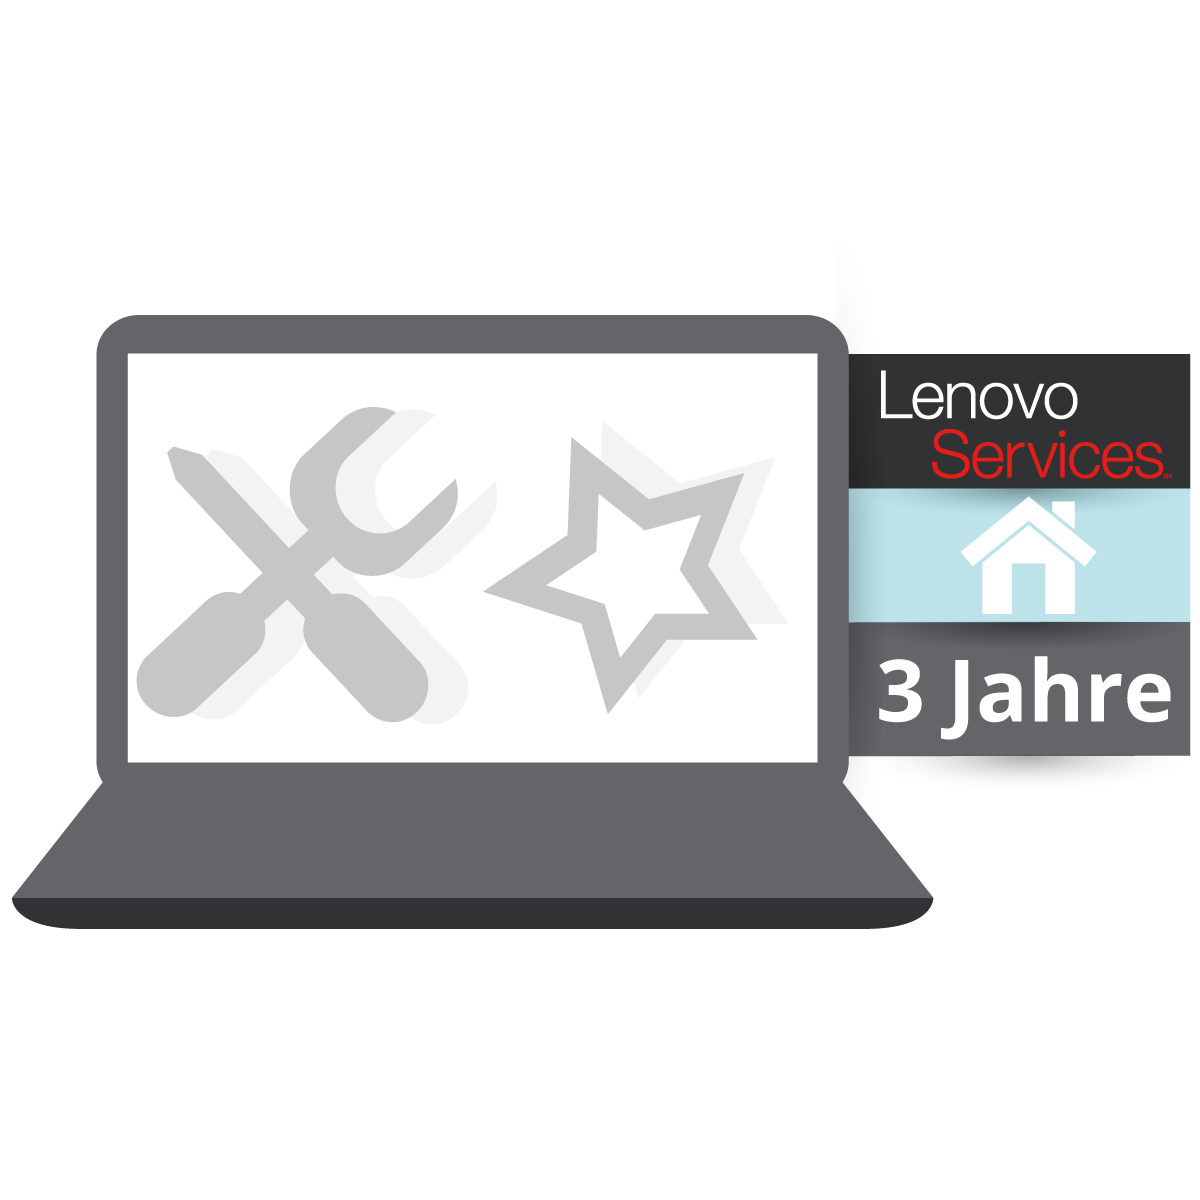 (EOL) Lenovo™ Garantie Upgrade - 3 Jahre Vor-Ort Garantie (NBD) - Basisgarantie 3 Jahre Bring-In